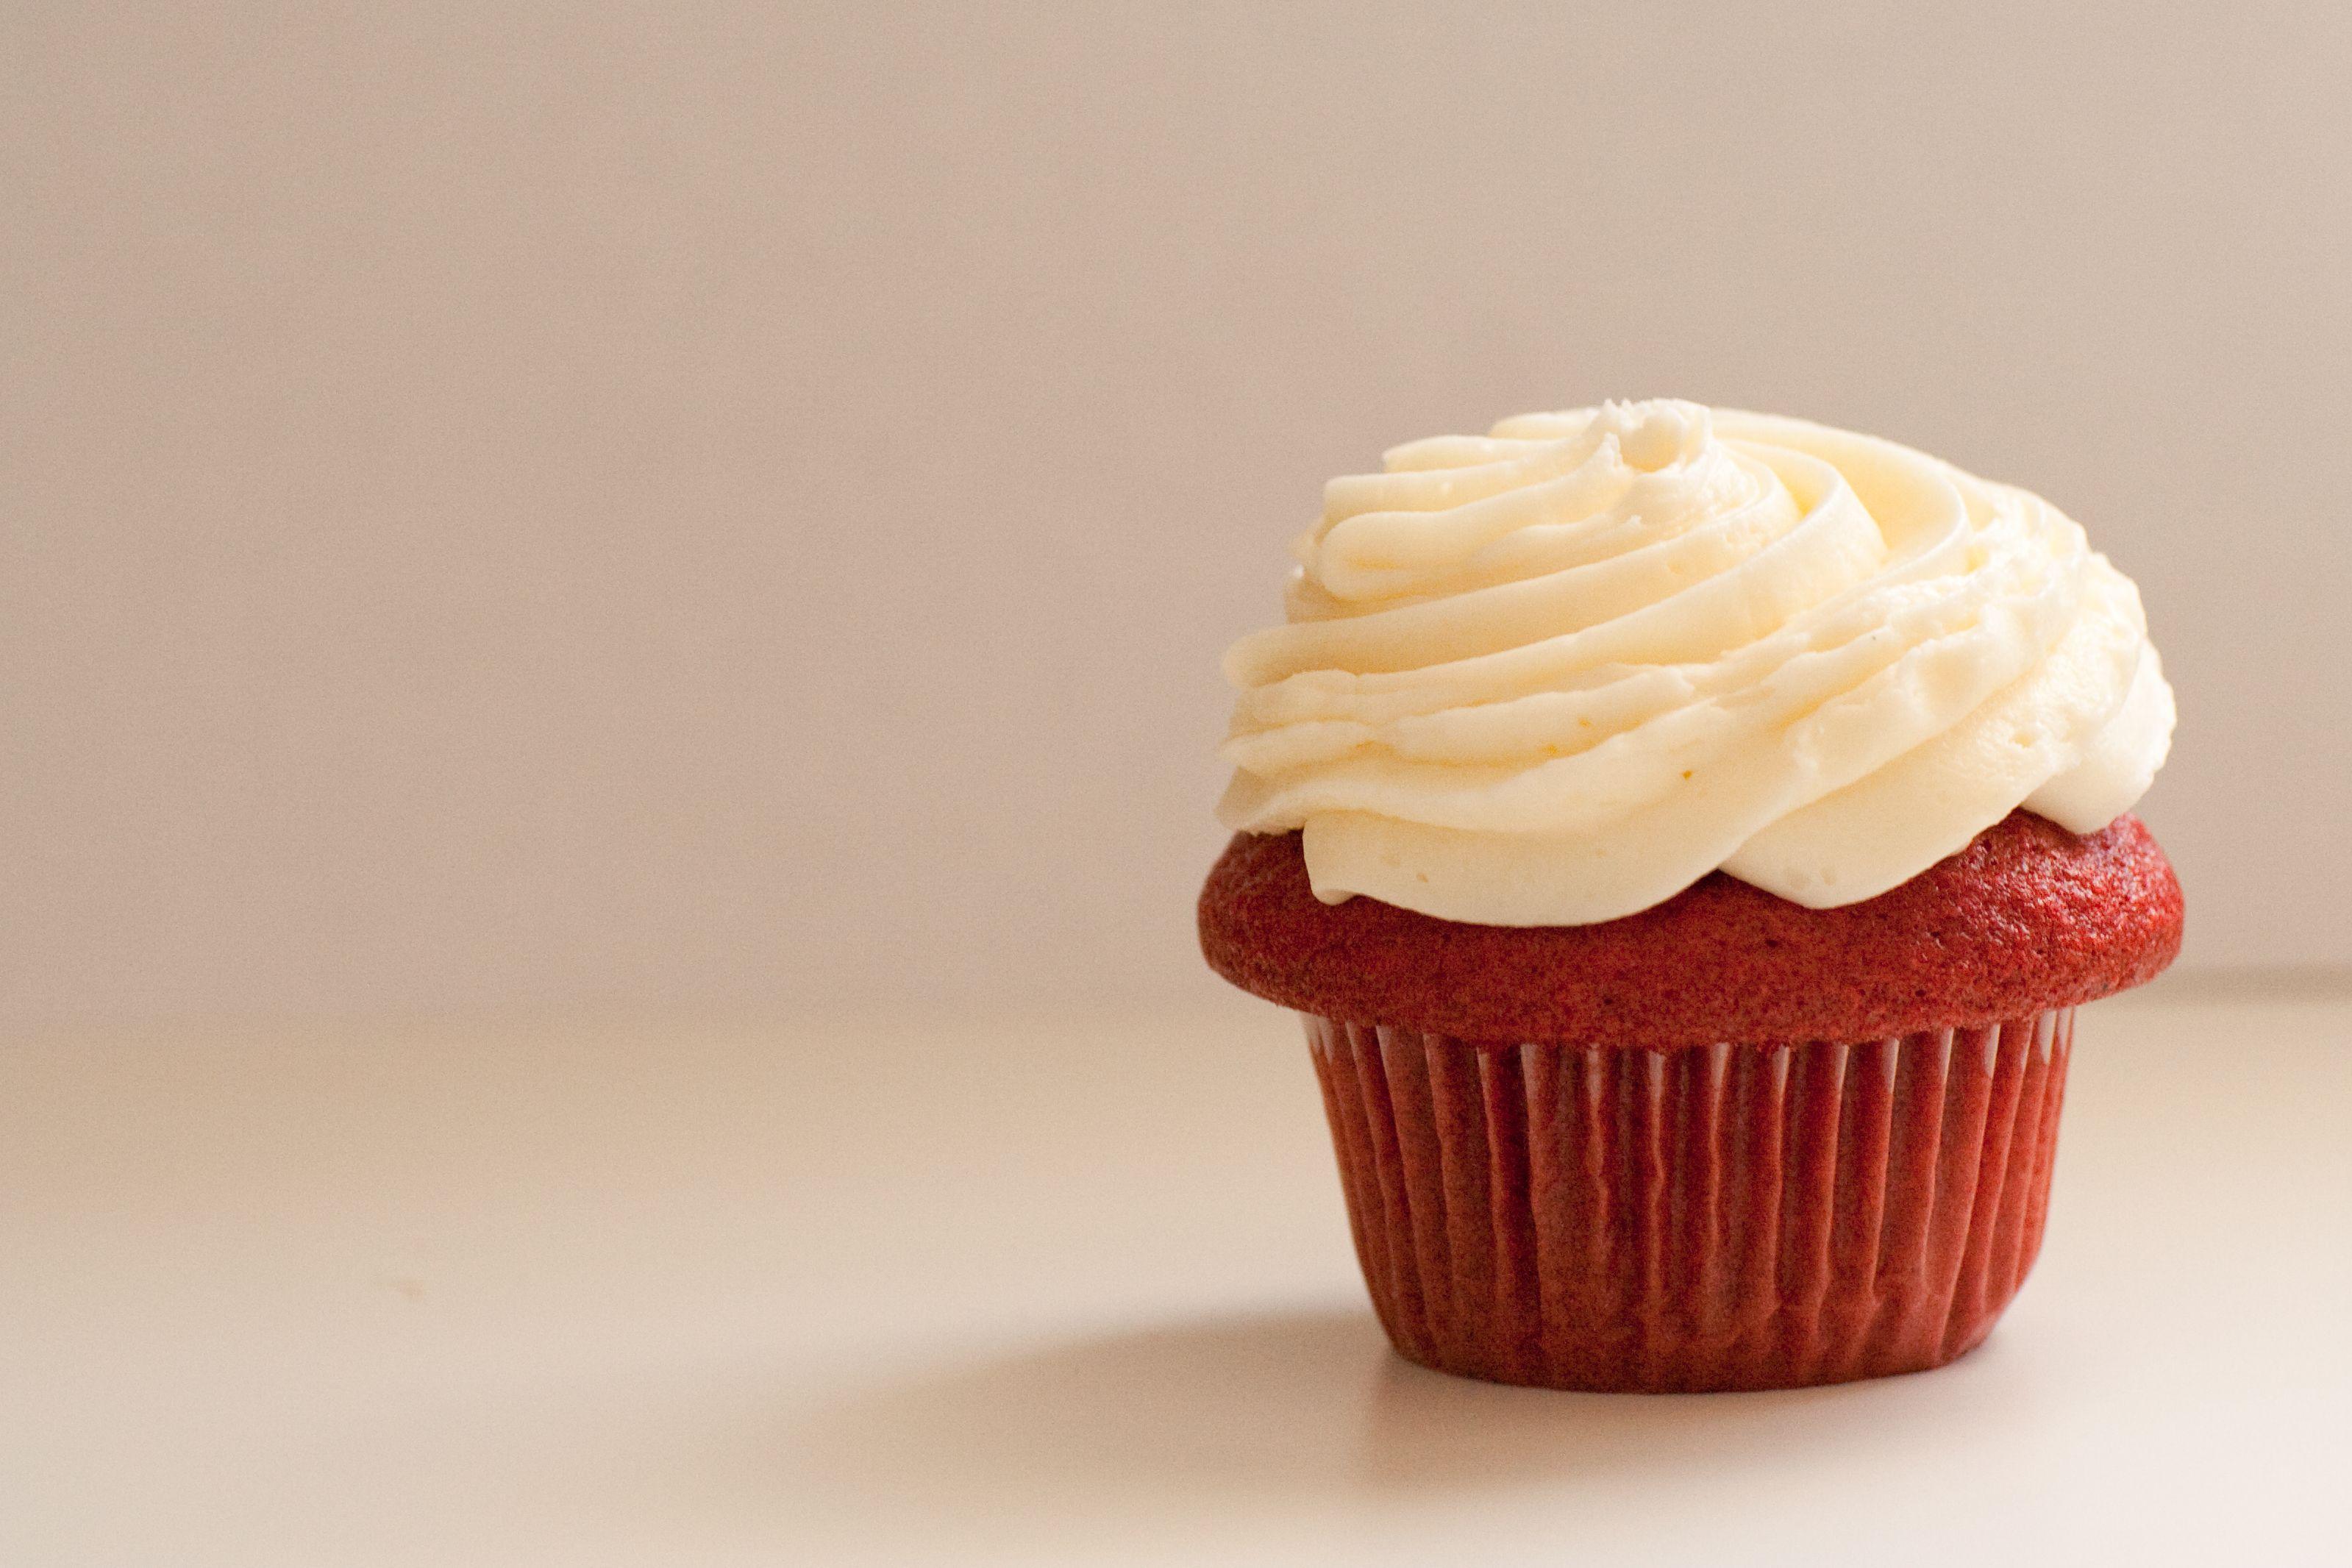 K9 Cupcake